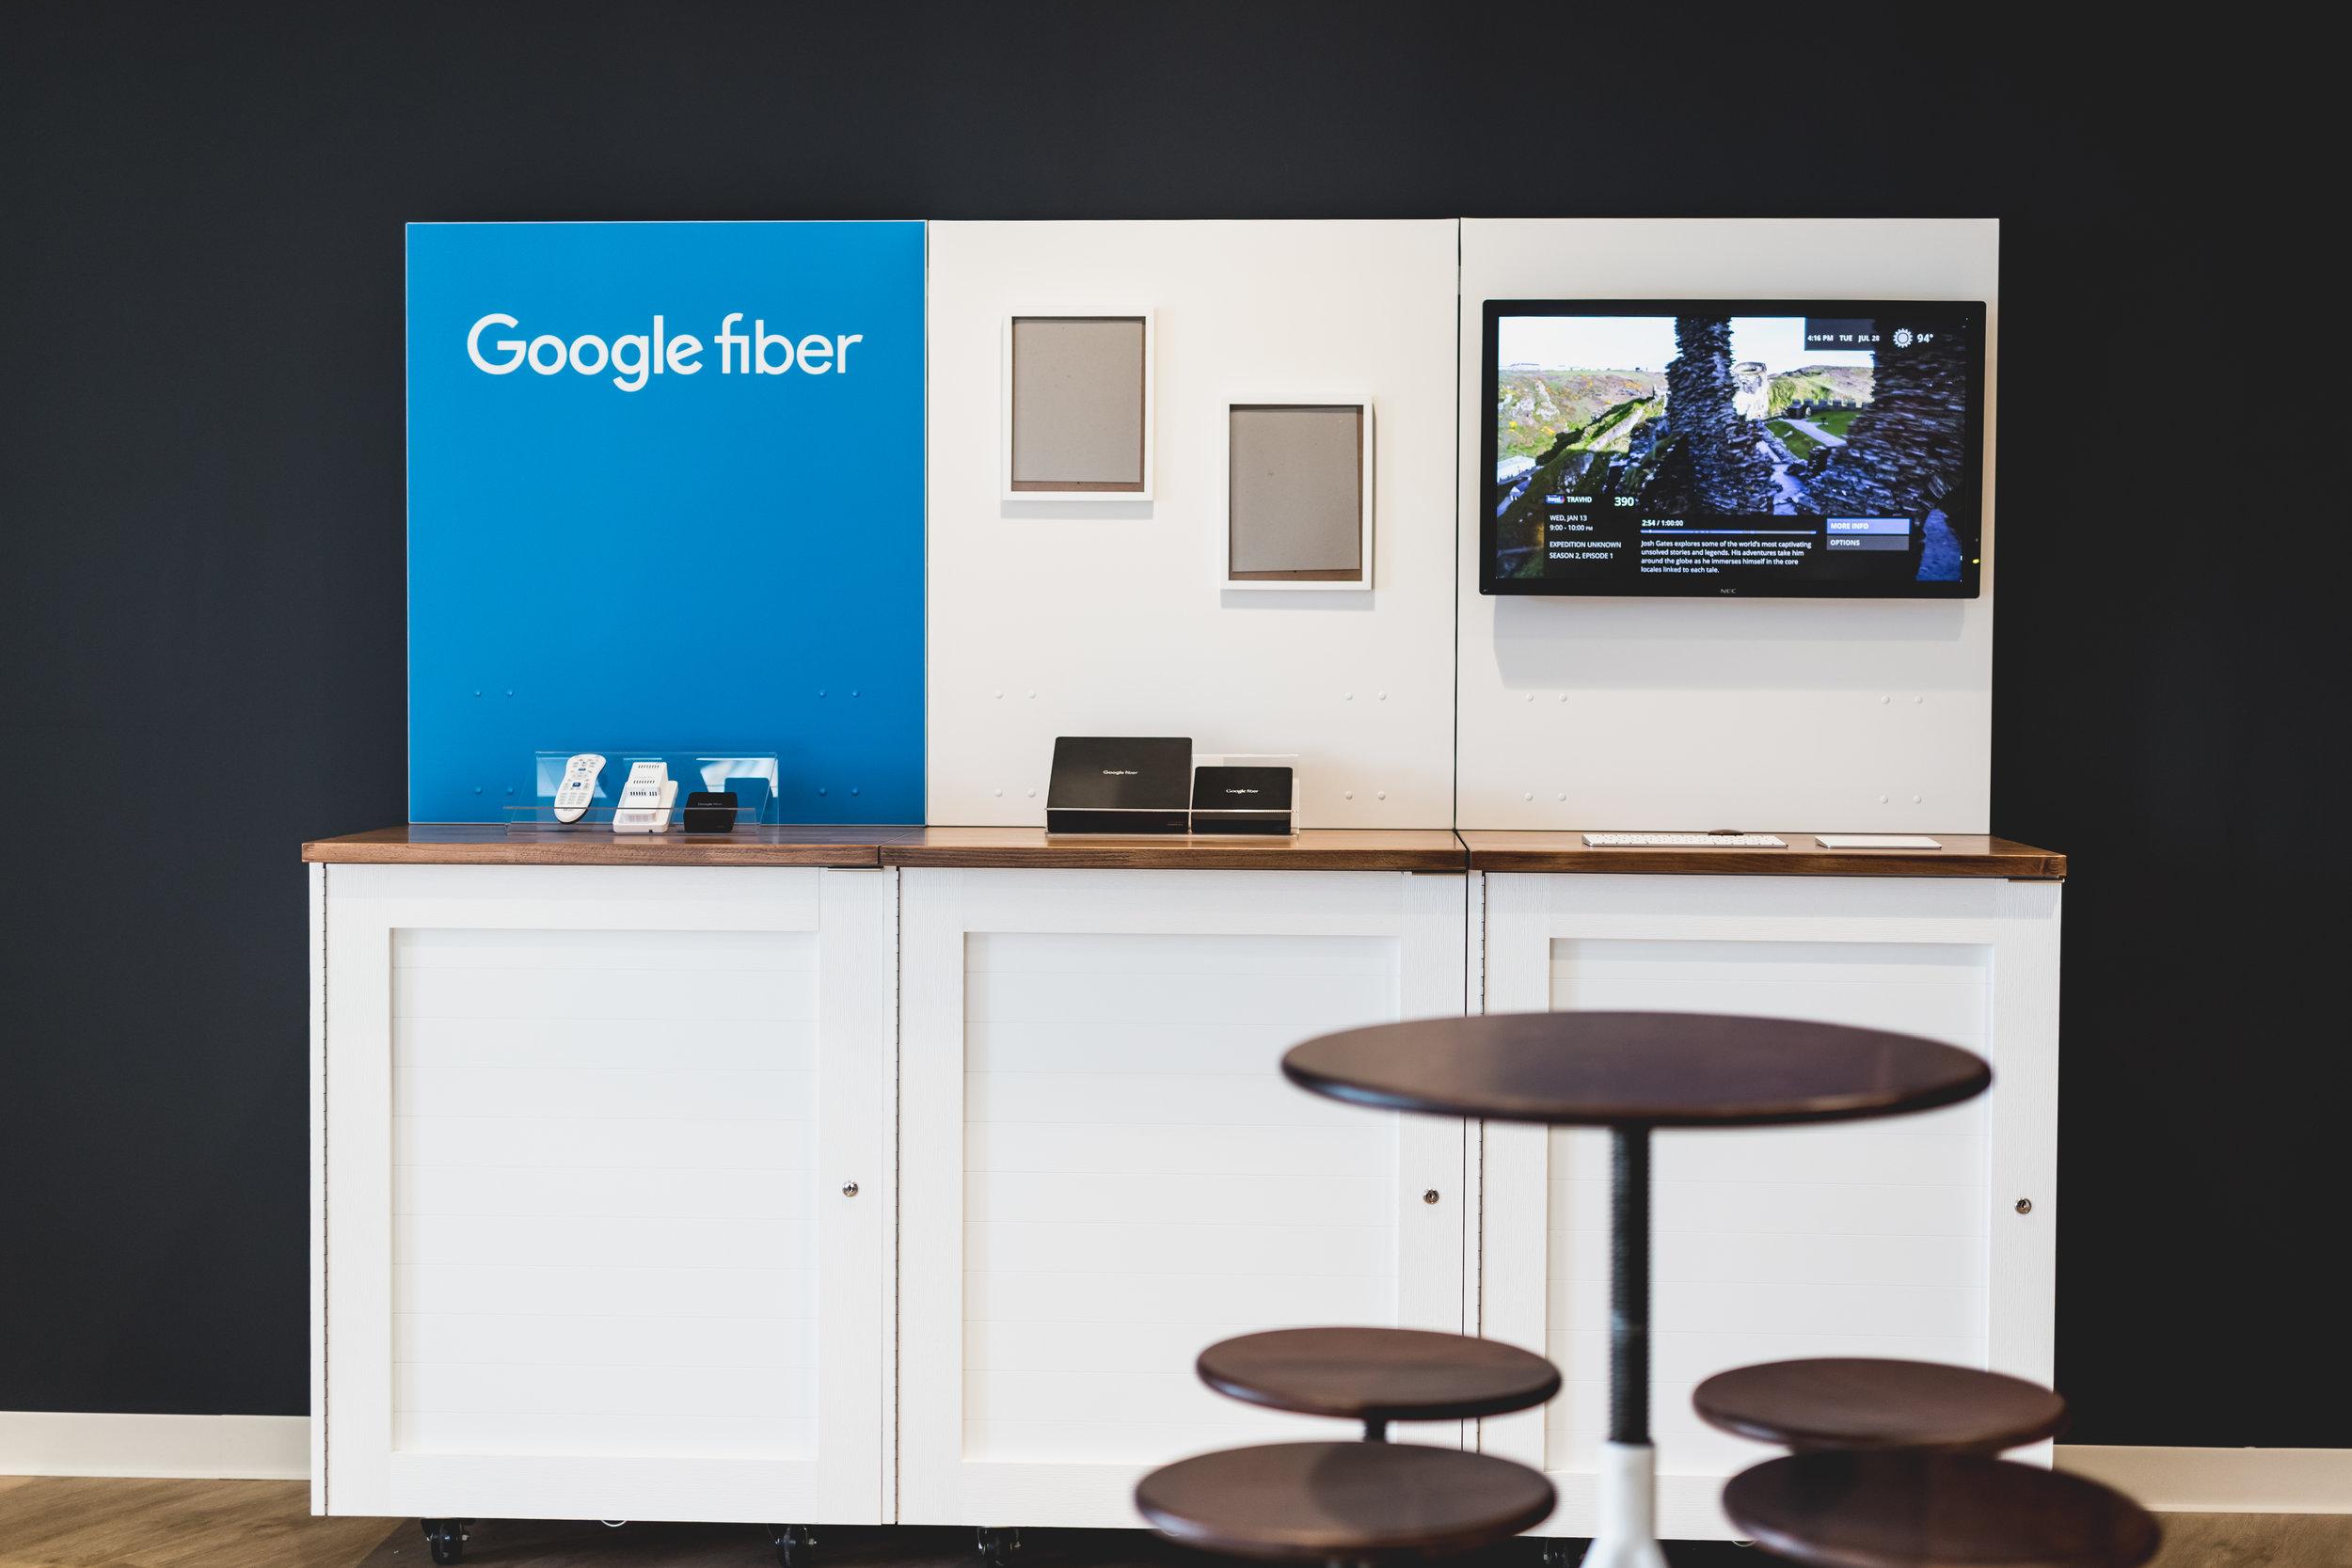 GoogleFiber-Morrisville-022.jpg